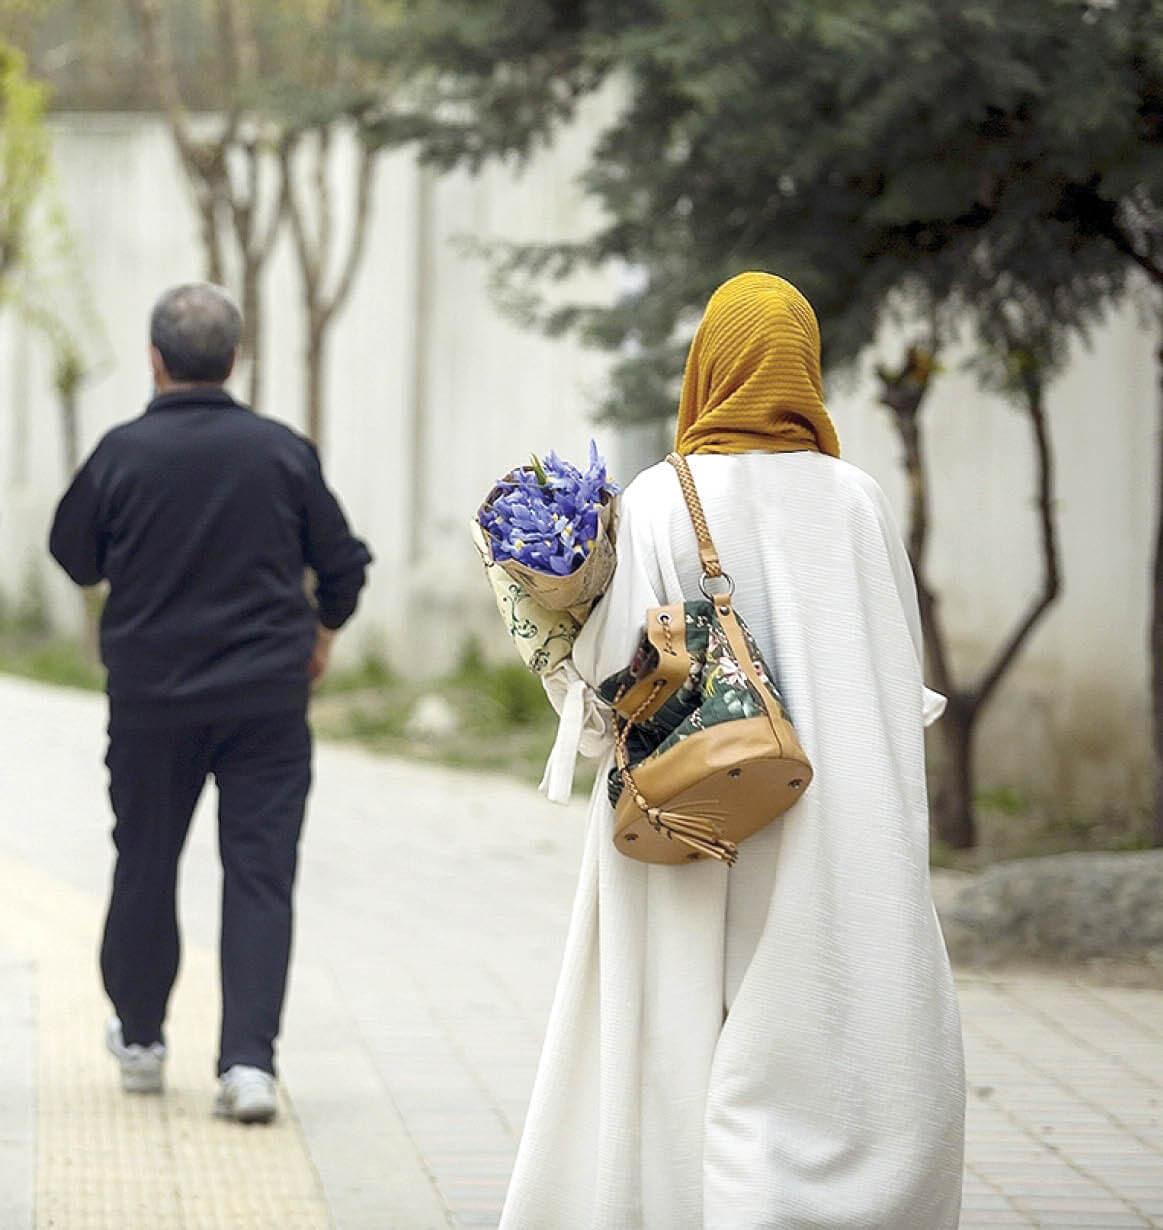 ازدواج با فرد مسن